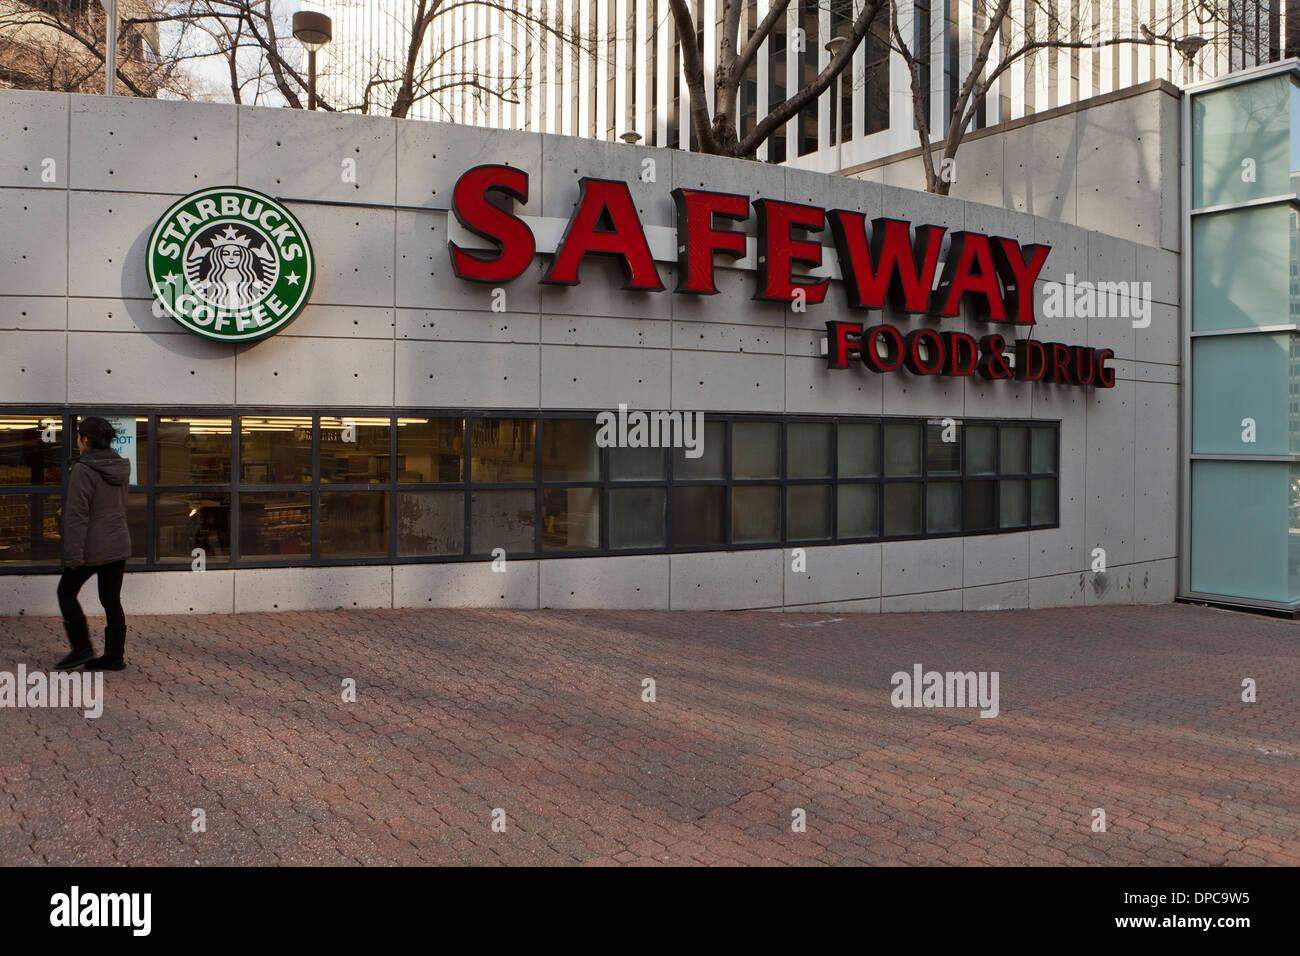 Safeway Supermarkt Zeichen - Arlington, Virginia, Vereinigte Staaten Stockbild